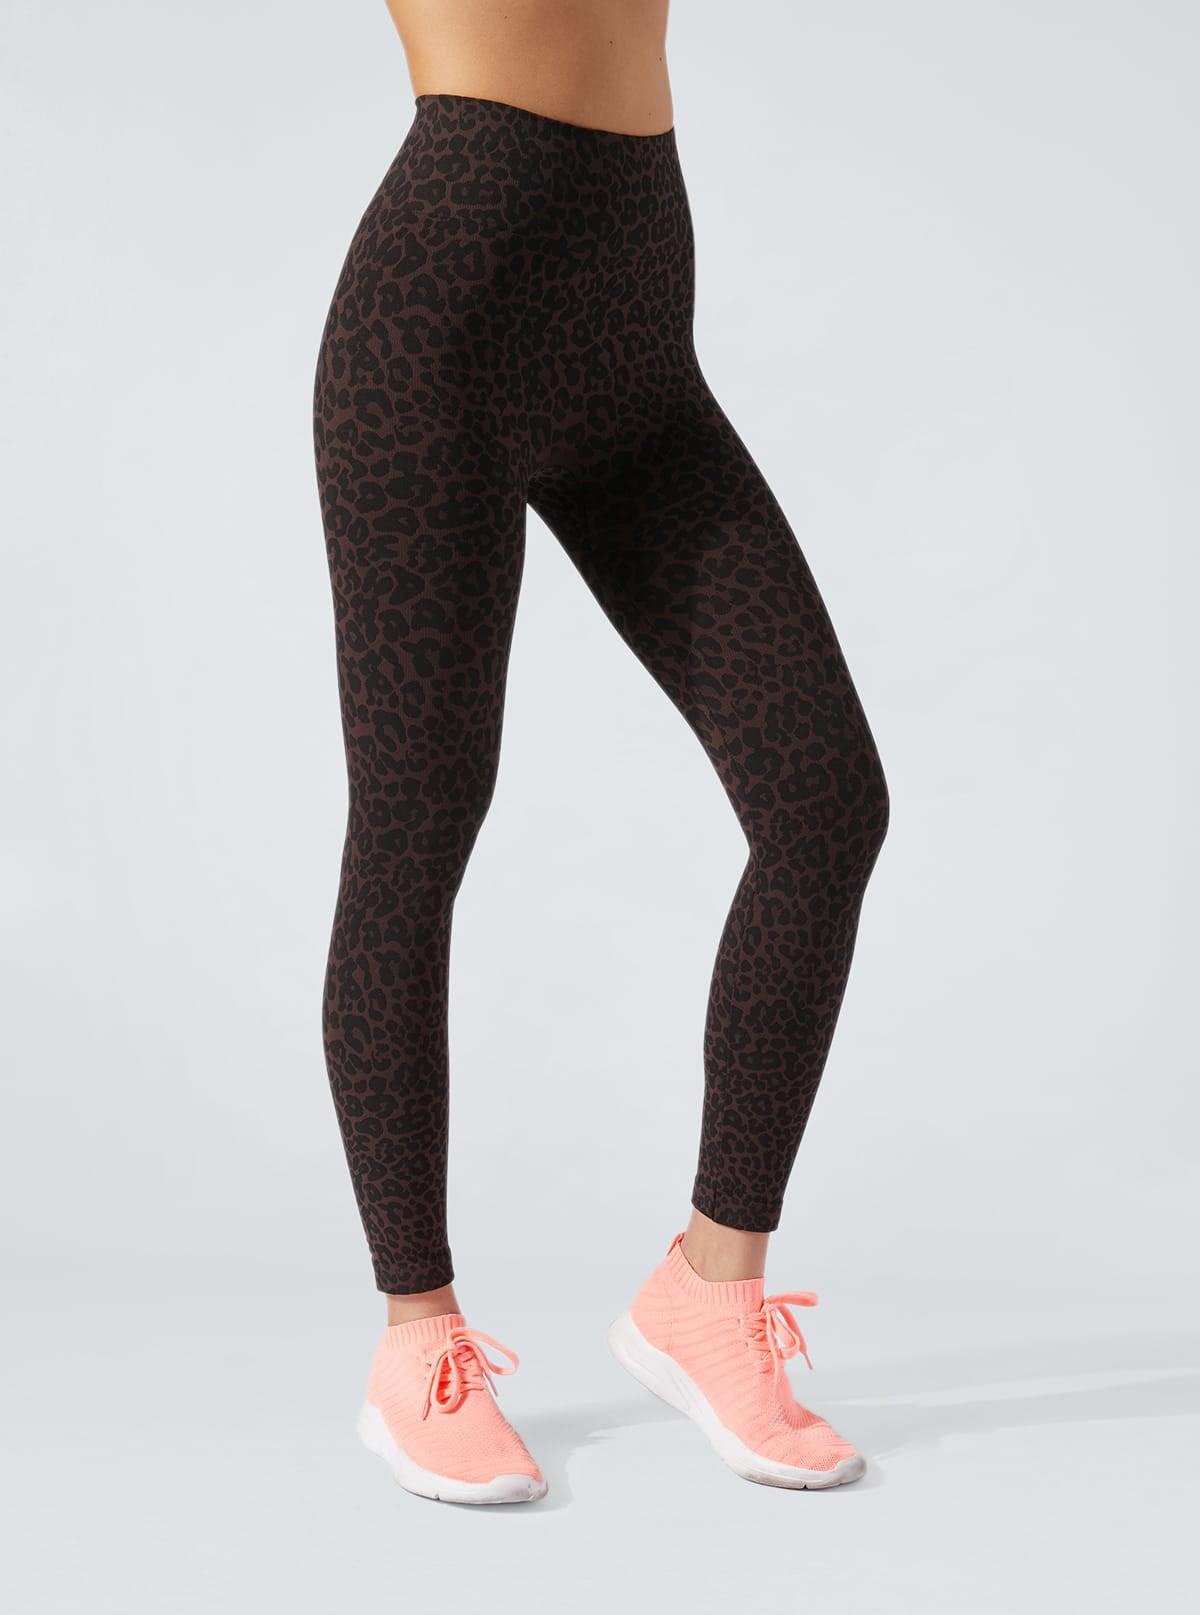 Legging Animalier léopard noir-marron à effet amincissant et hydratant